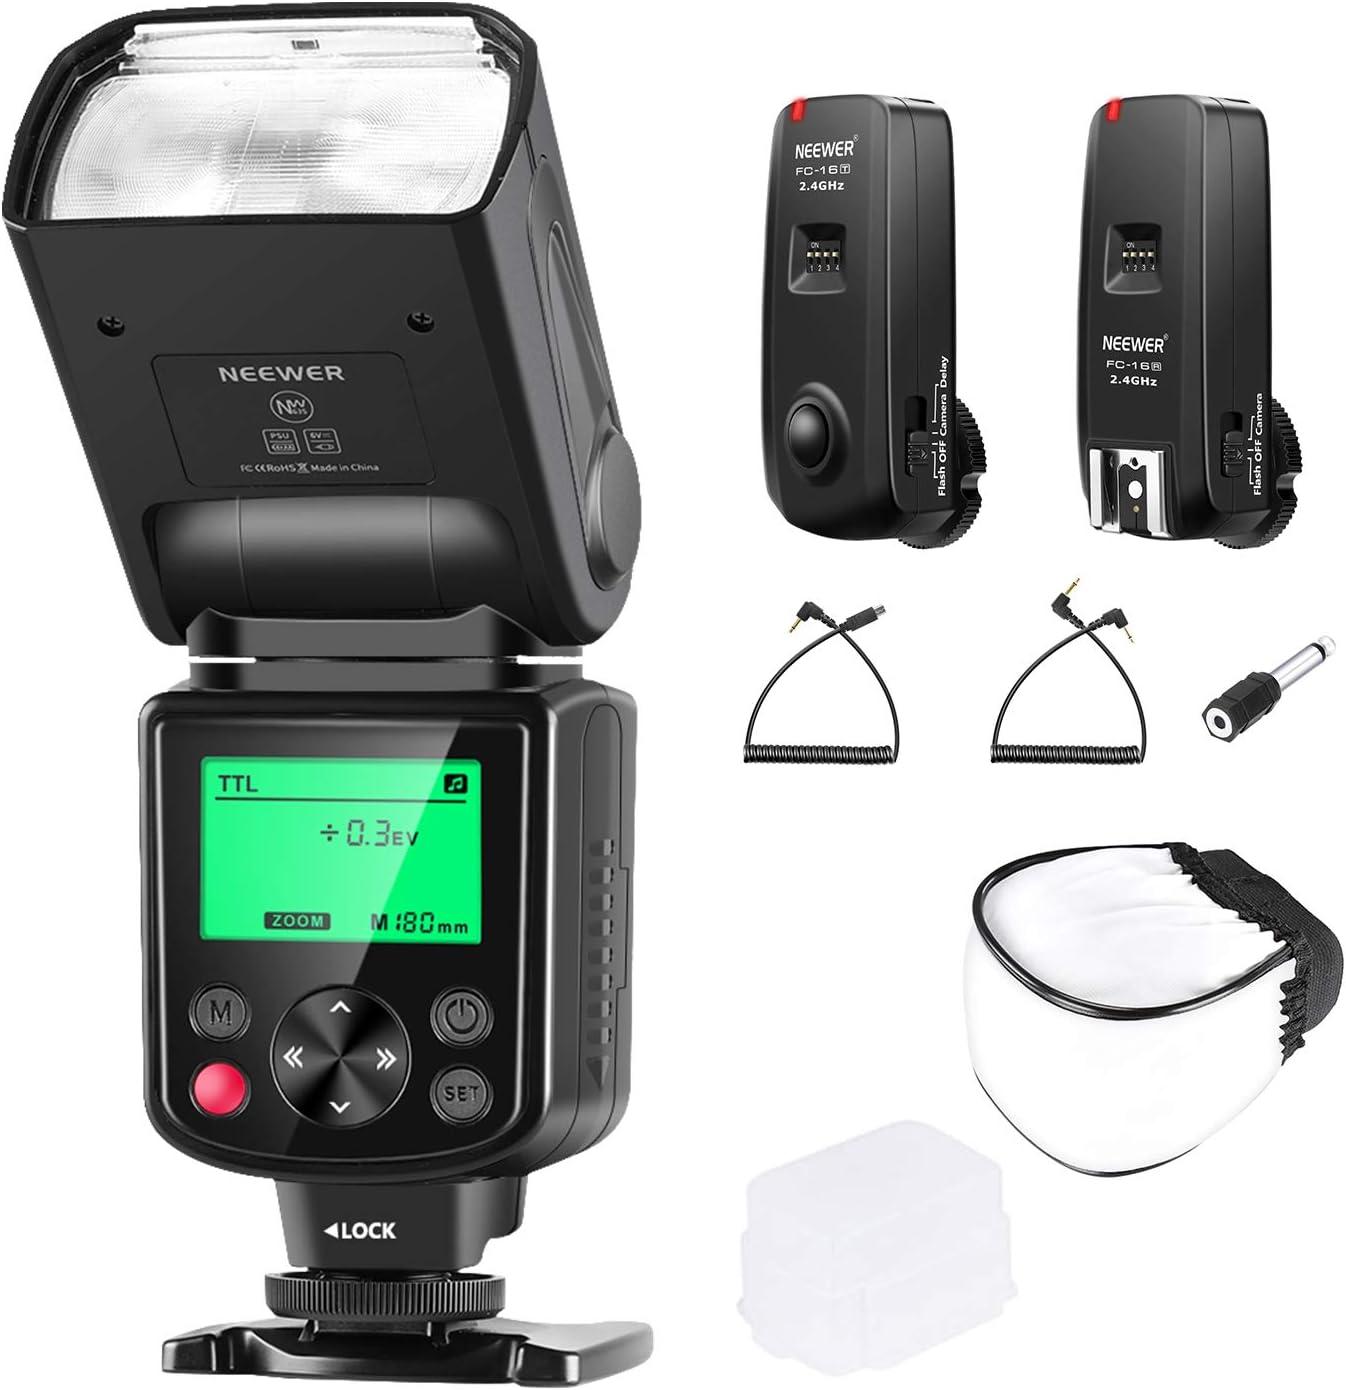 Neewer Nw635 Ttl Gn58 Flash Speedlite Mit 2 4g 16 Kanal Kamera